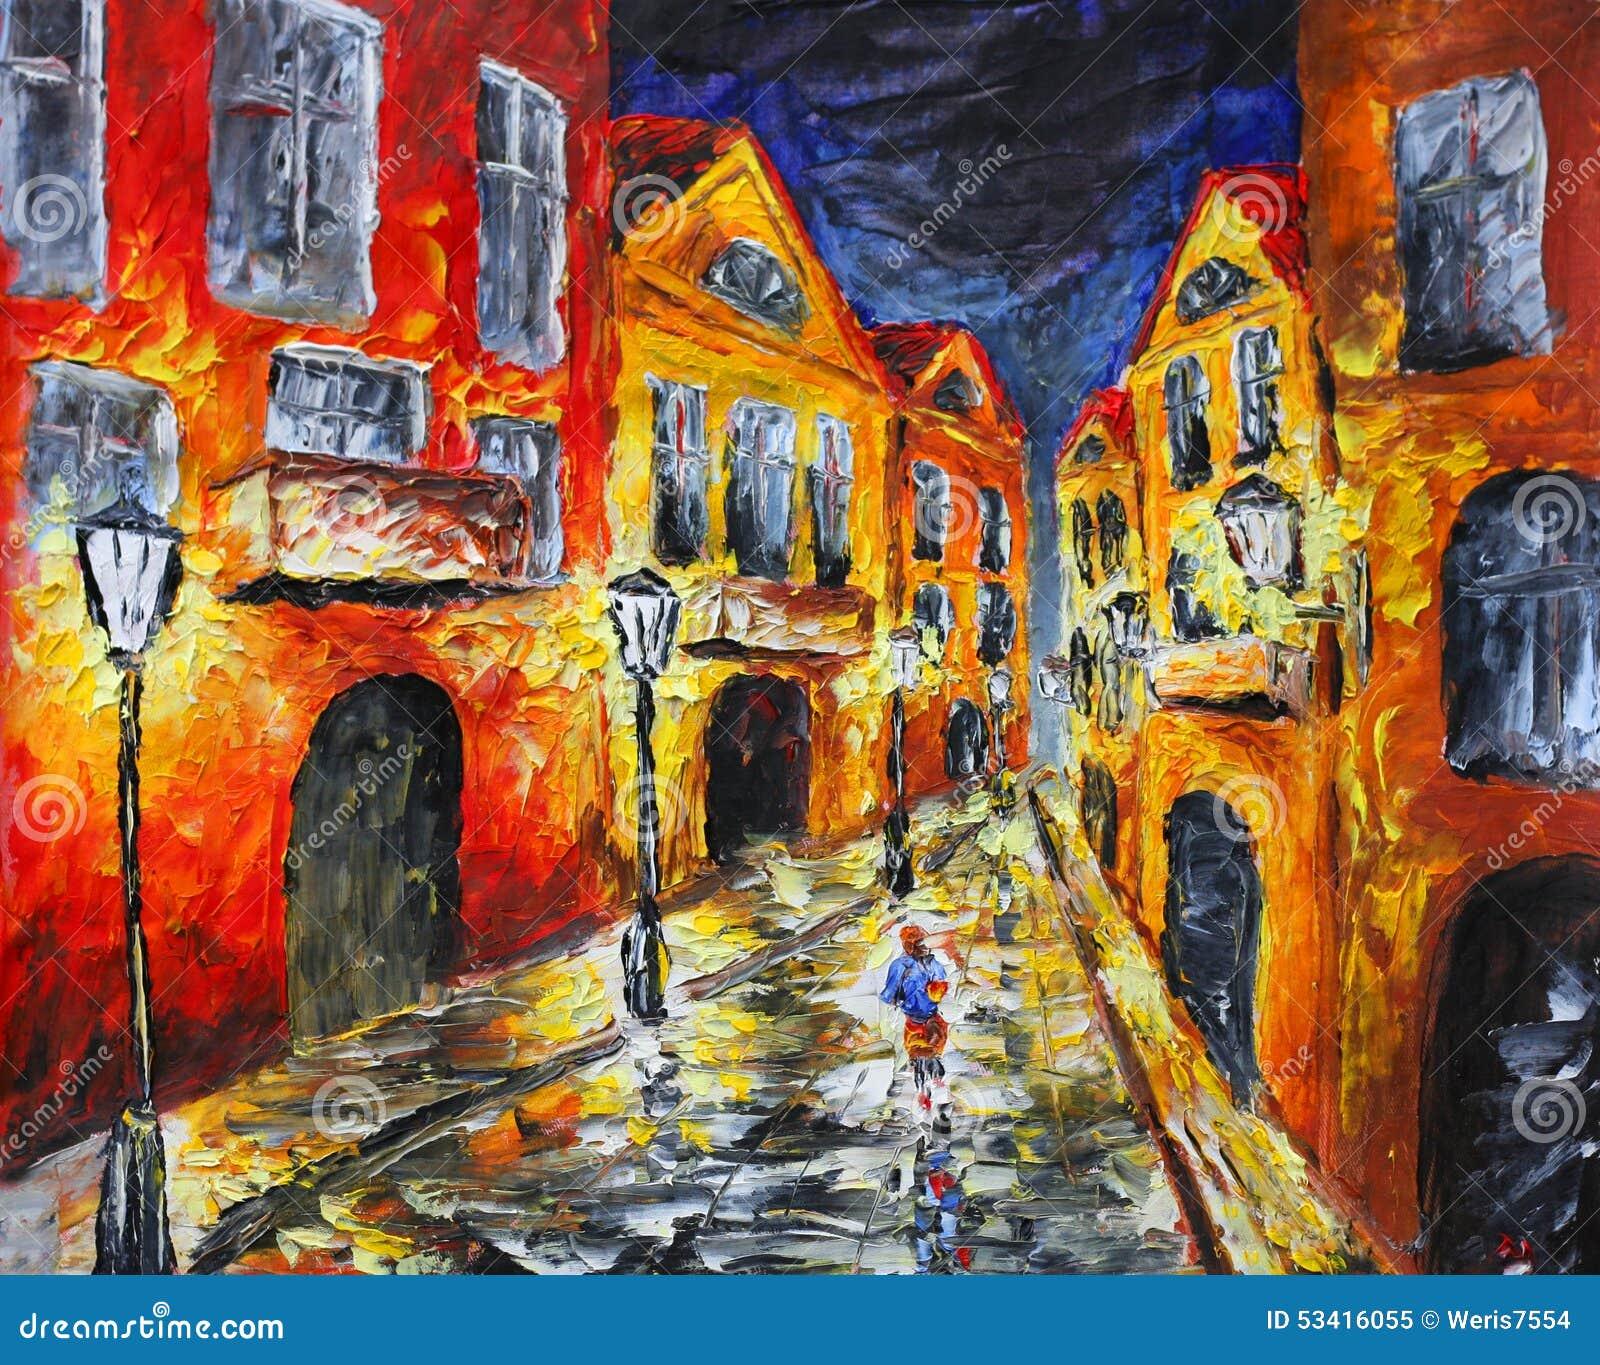 Rue pluvieuse isol e de nuit peinture l 39 huile initiale sur la toile ill - Peinture a l huile achat ...